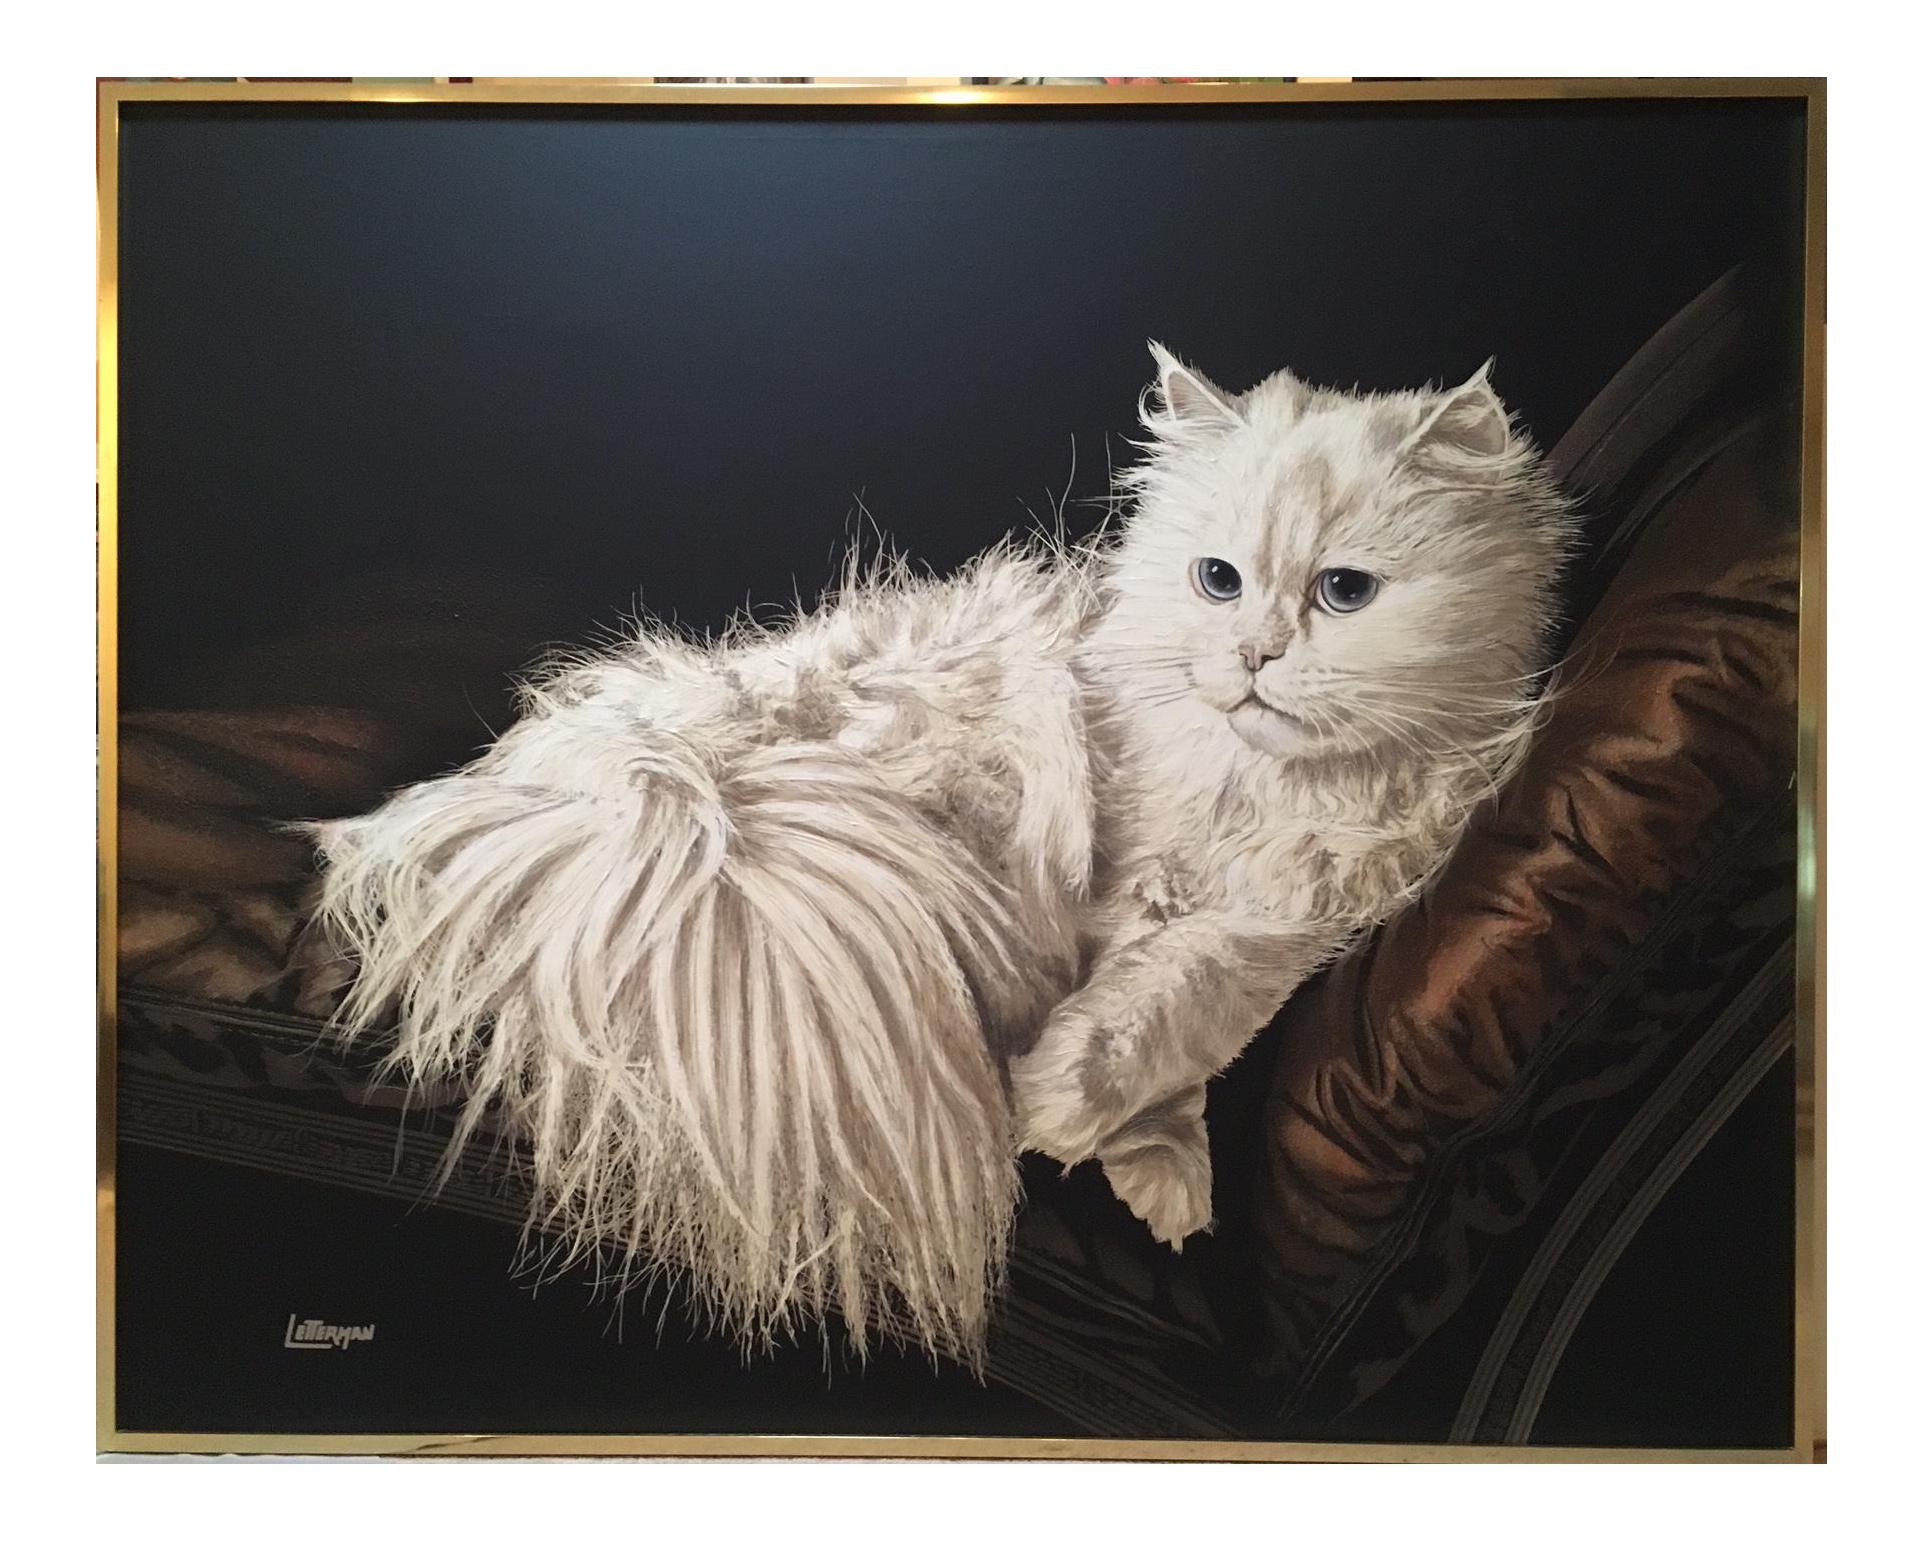 Antoinette Letterman Quot The Resting Cat Cashmere Quot Giclee